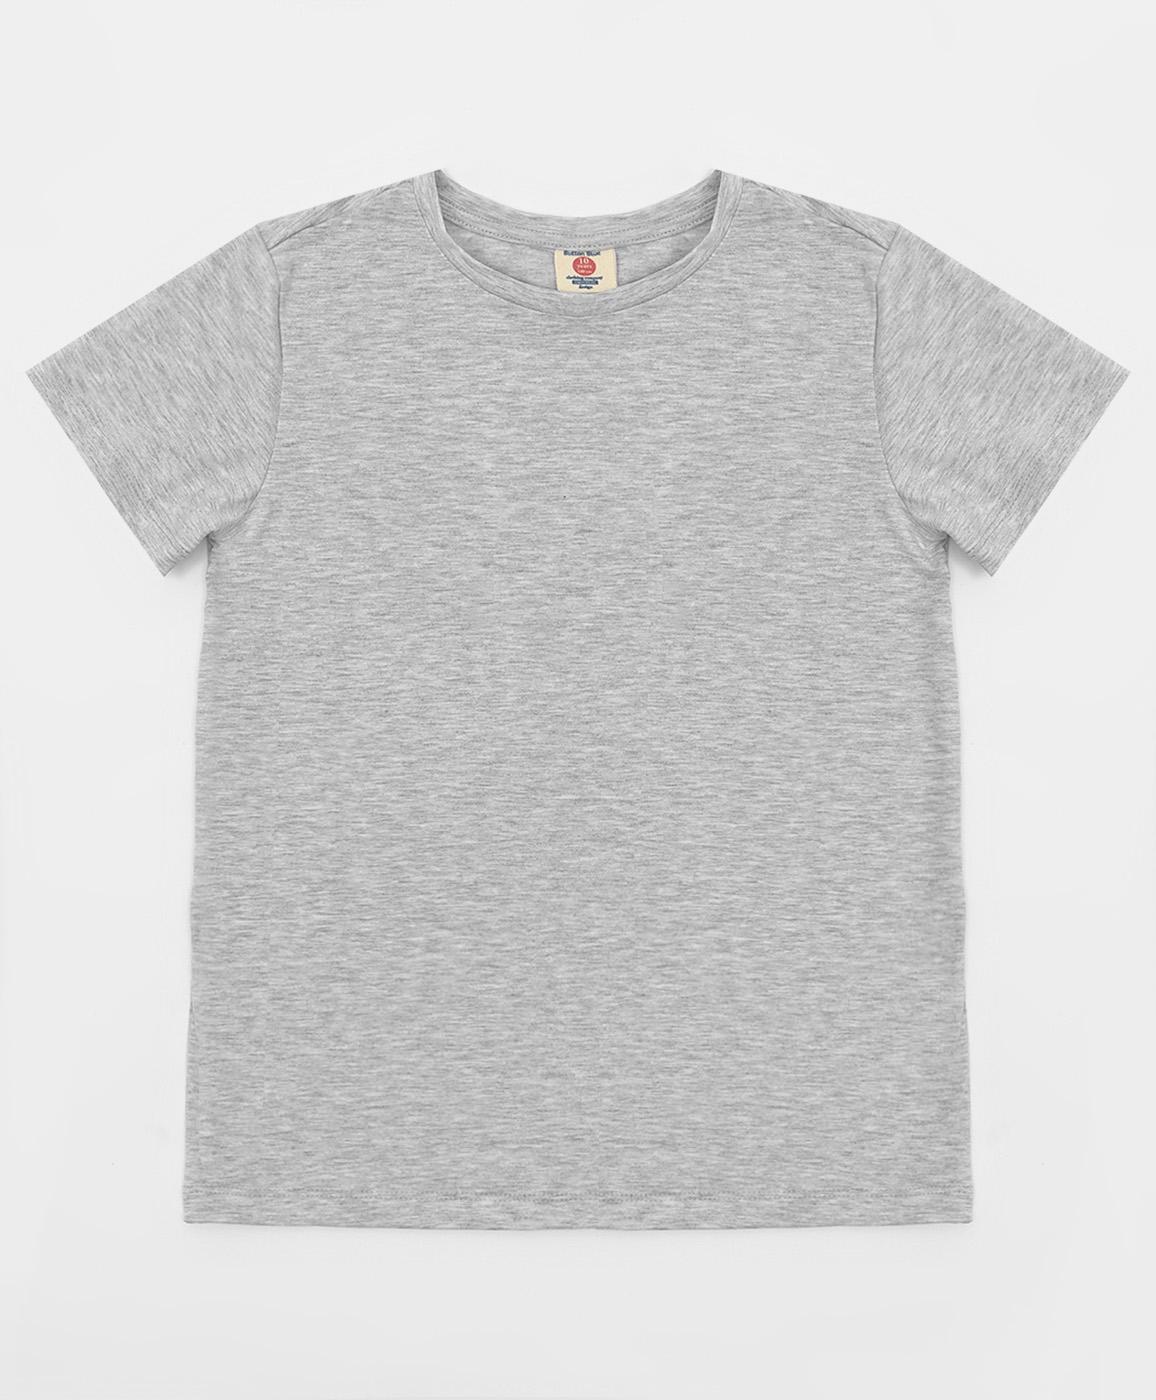 Купить 220BBBS12011900, Серая футболка Button Blue, серый, 134, Хлопок, Мужской, Демисезон, ШКОЛЬНАЯ ФОРМА 2020-2021 (shop: GulliverMarket Gulliver Market)